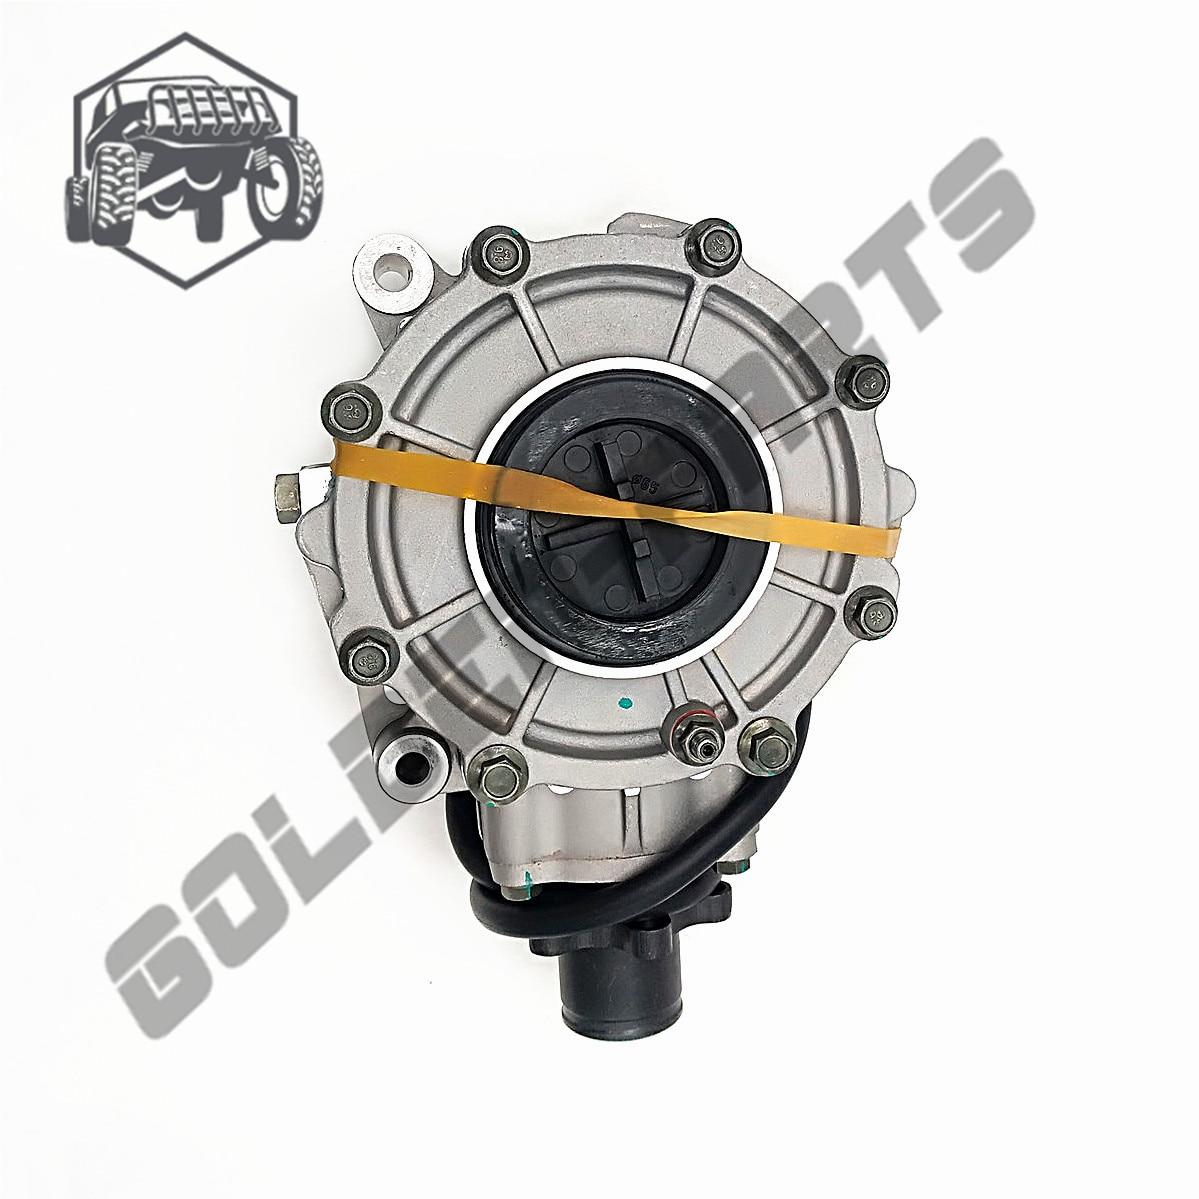 Eje diferencial trasero para HISUN 500cc 700cc ATV QUAD cuatro ruedas Motor trasero reductor piezas de repuesto de montaje accesorios 46100-107-0100 XGODY A50 3G Smartphone 6,5